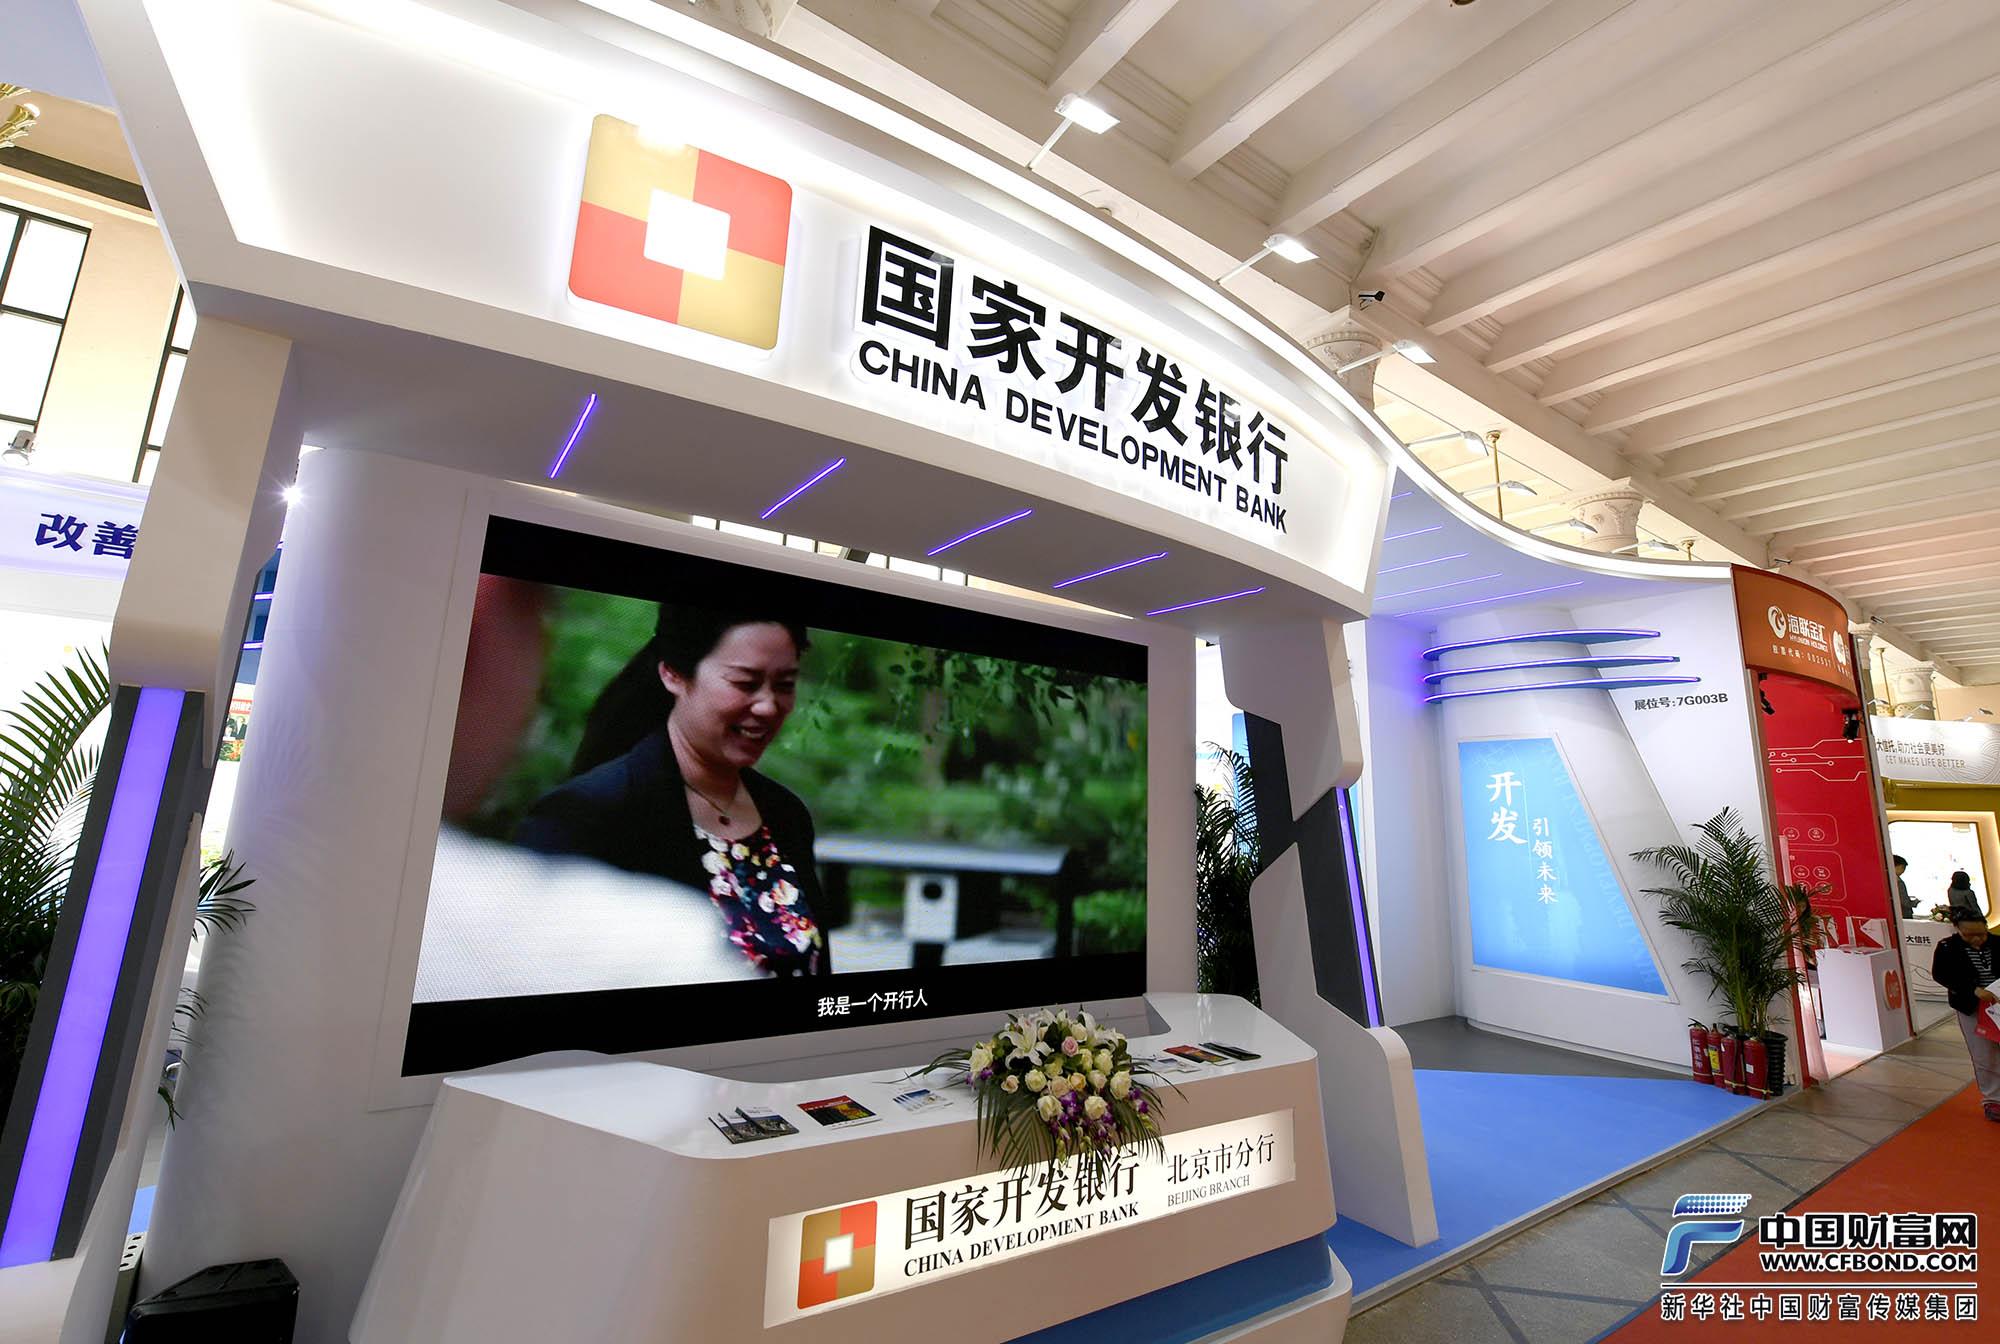 国家开发银行展台